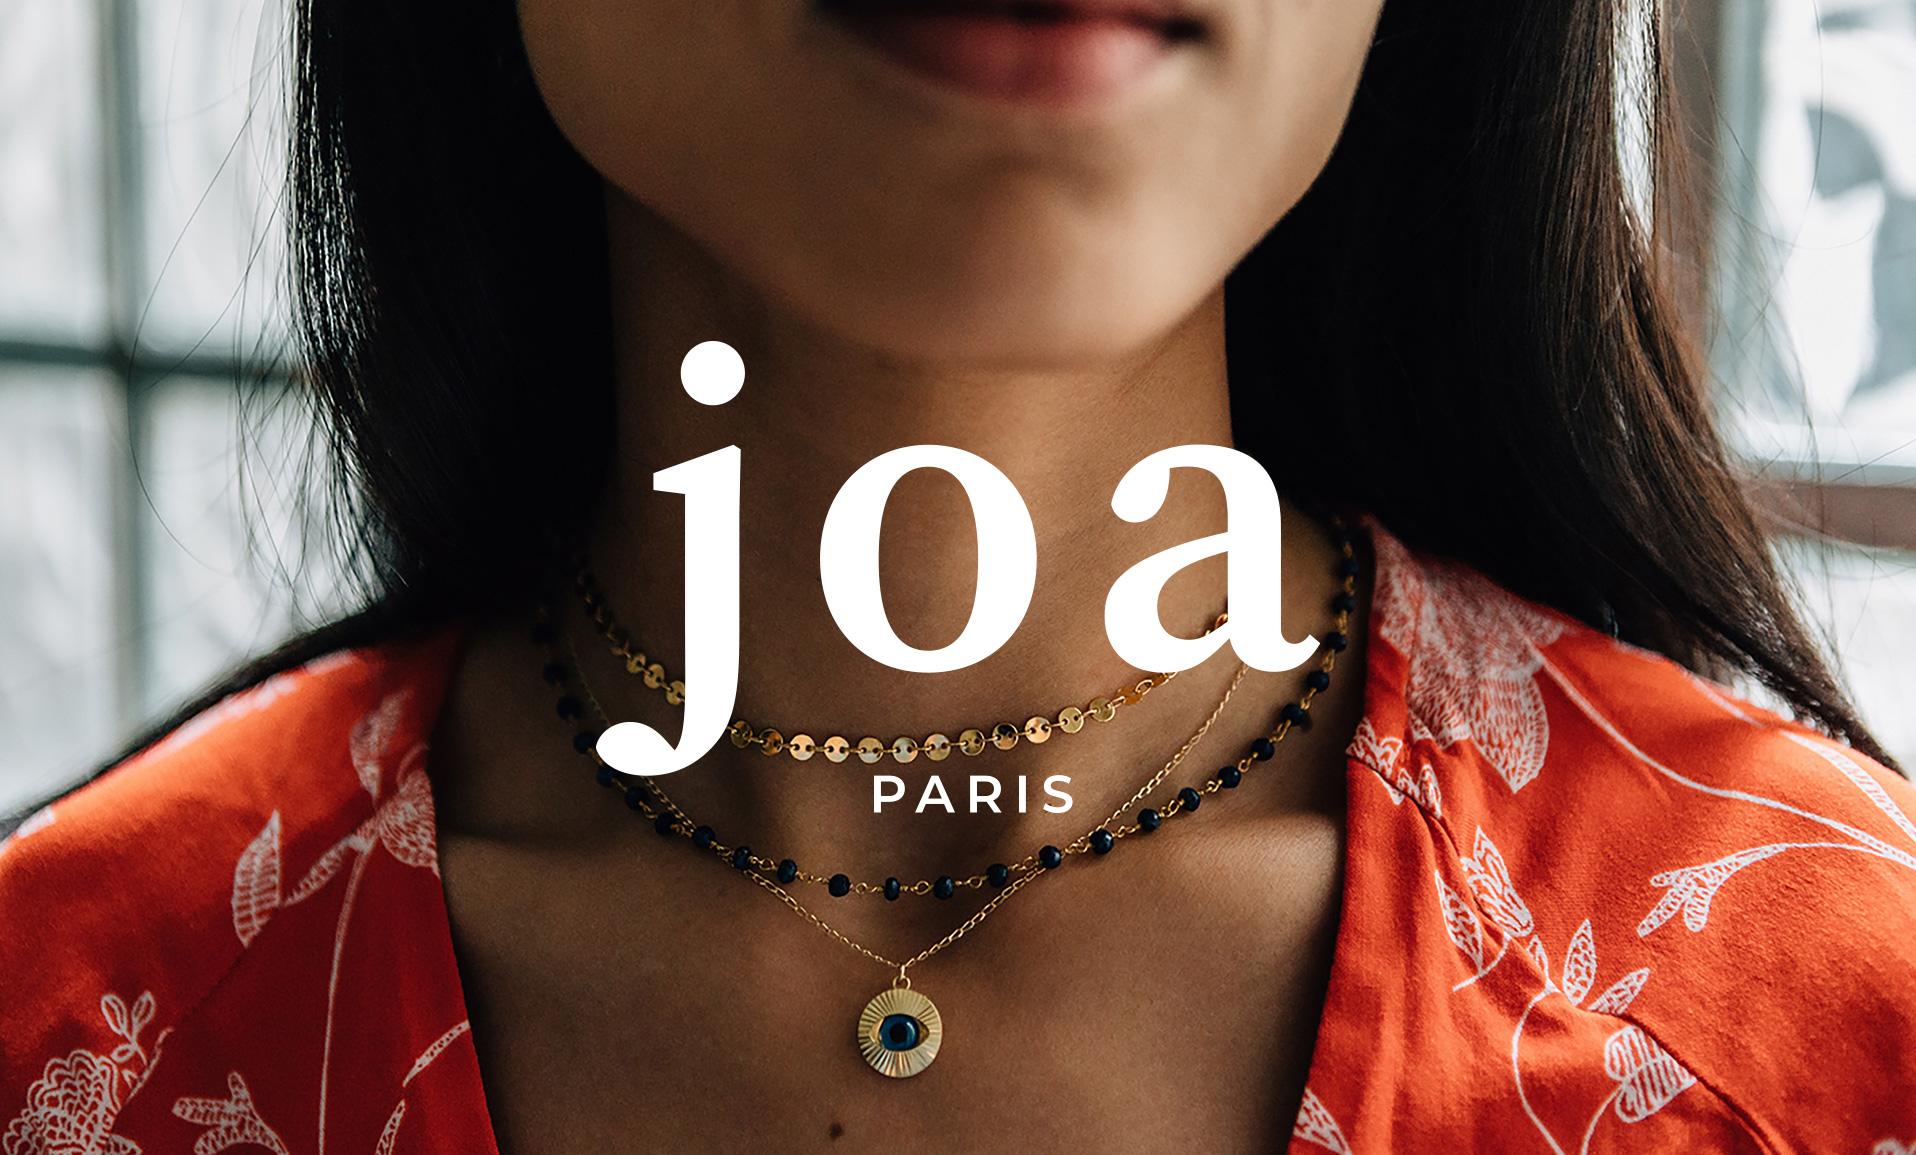 Identité de marque Joa Paris - Types Top